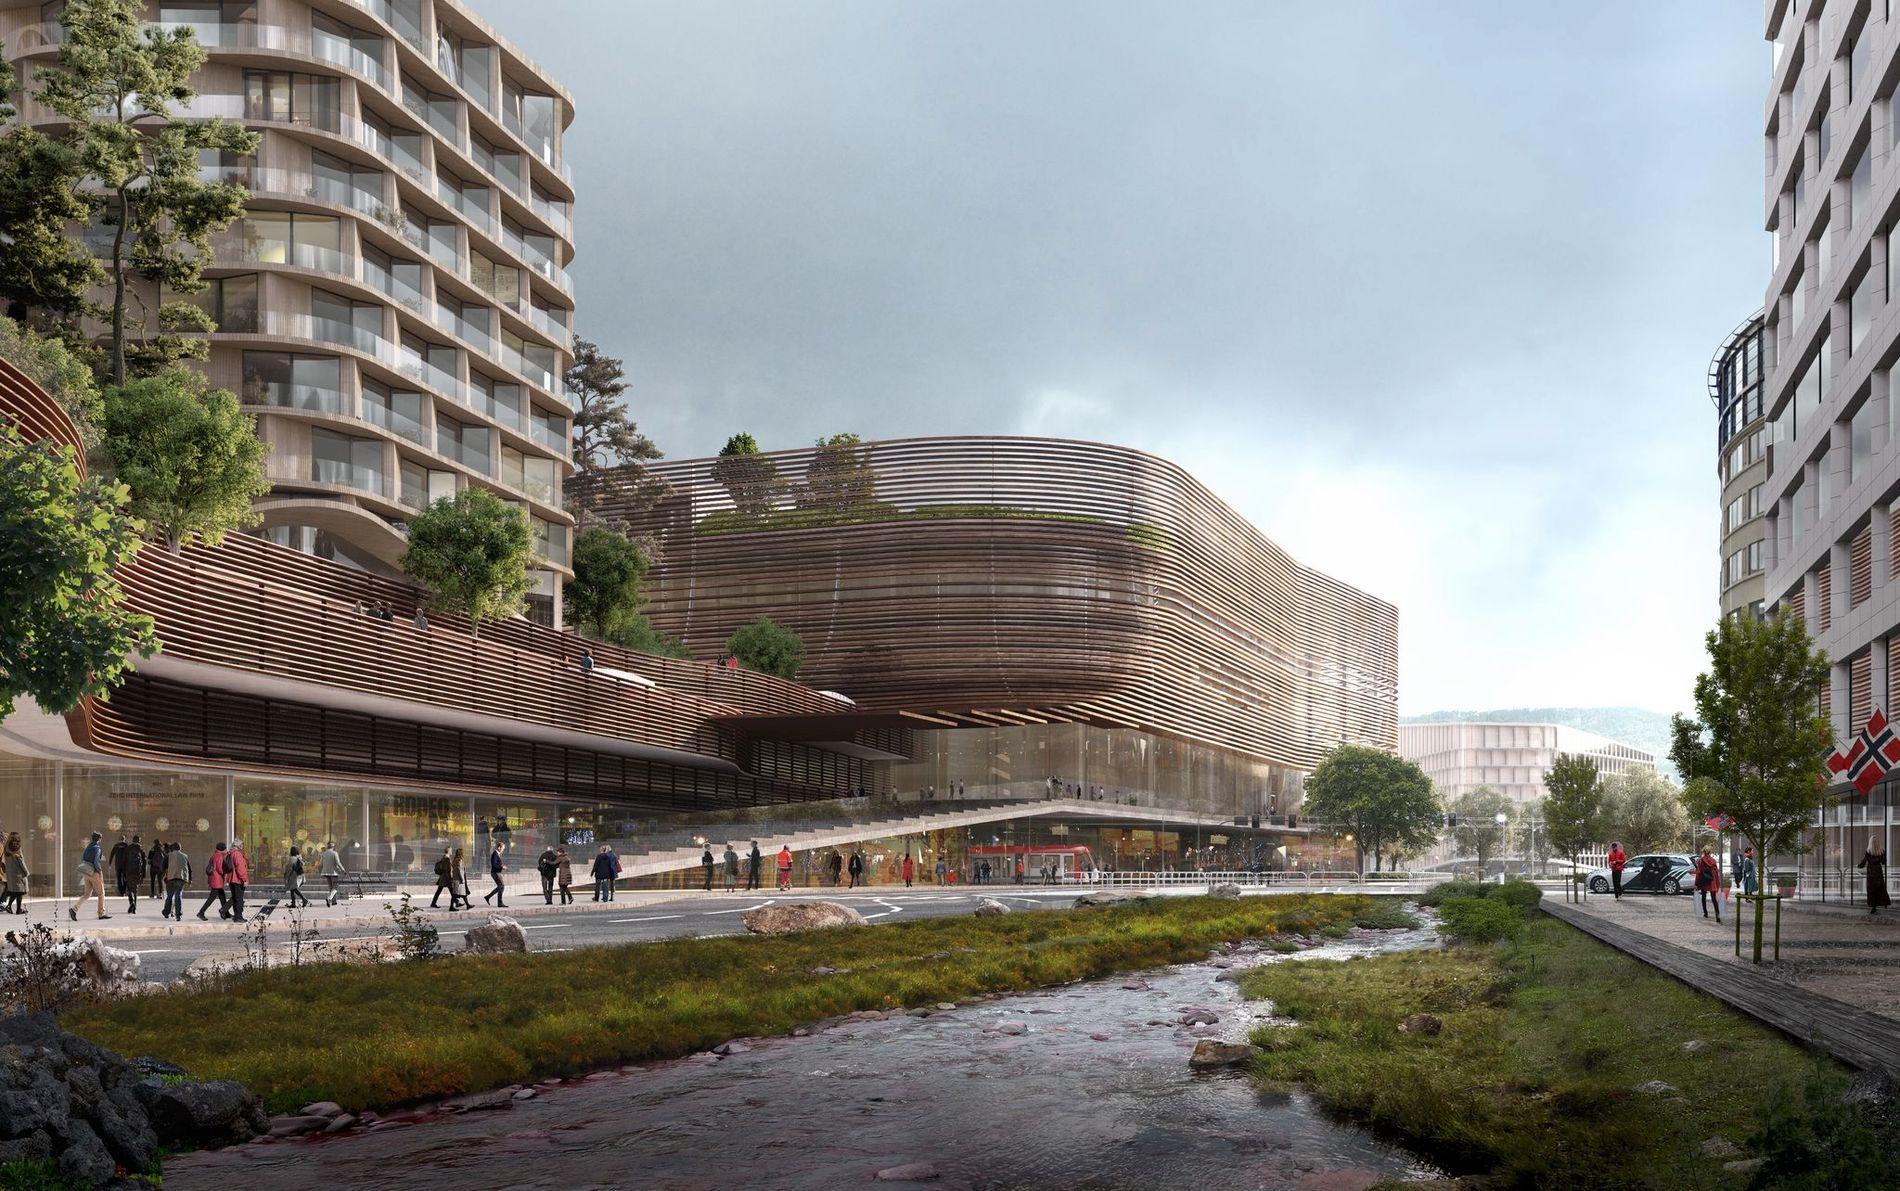 SAMMEN OM ET JA: Høyres invitasjon til Ap-byrådet er at vi handler nå og blir enige om å gi Bergen den byarenaen den sårt fortjener. Dette må ikke handle om hvem som vinner valget i 2019, skriver Harald Victor Hove (H).